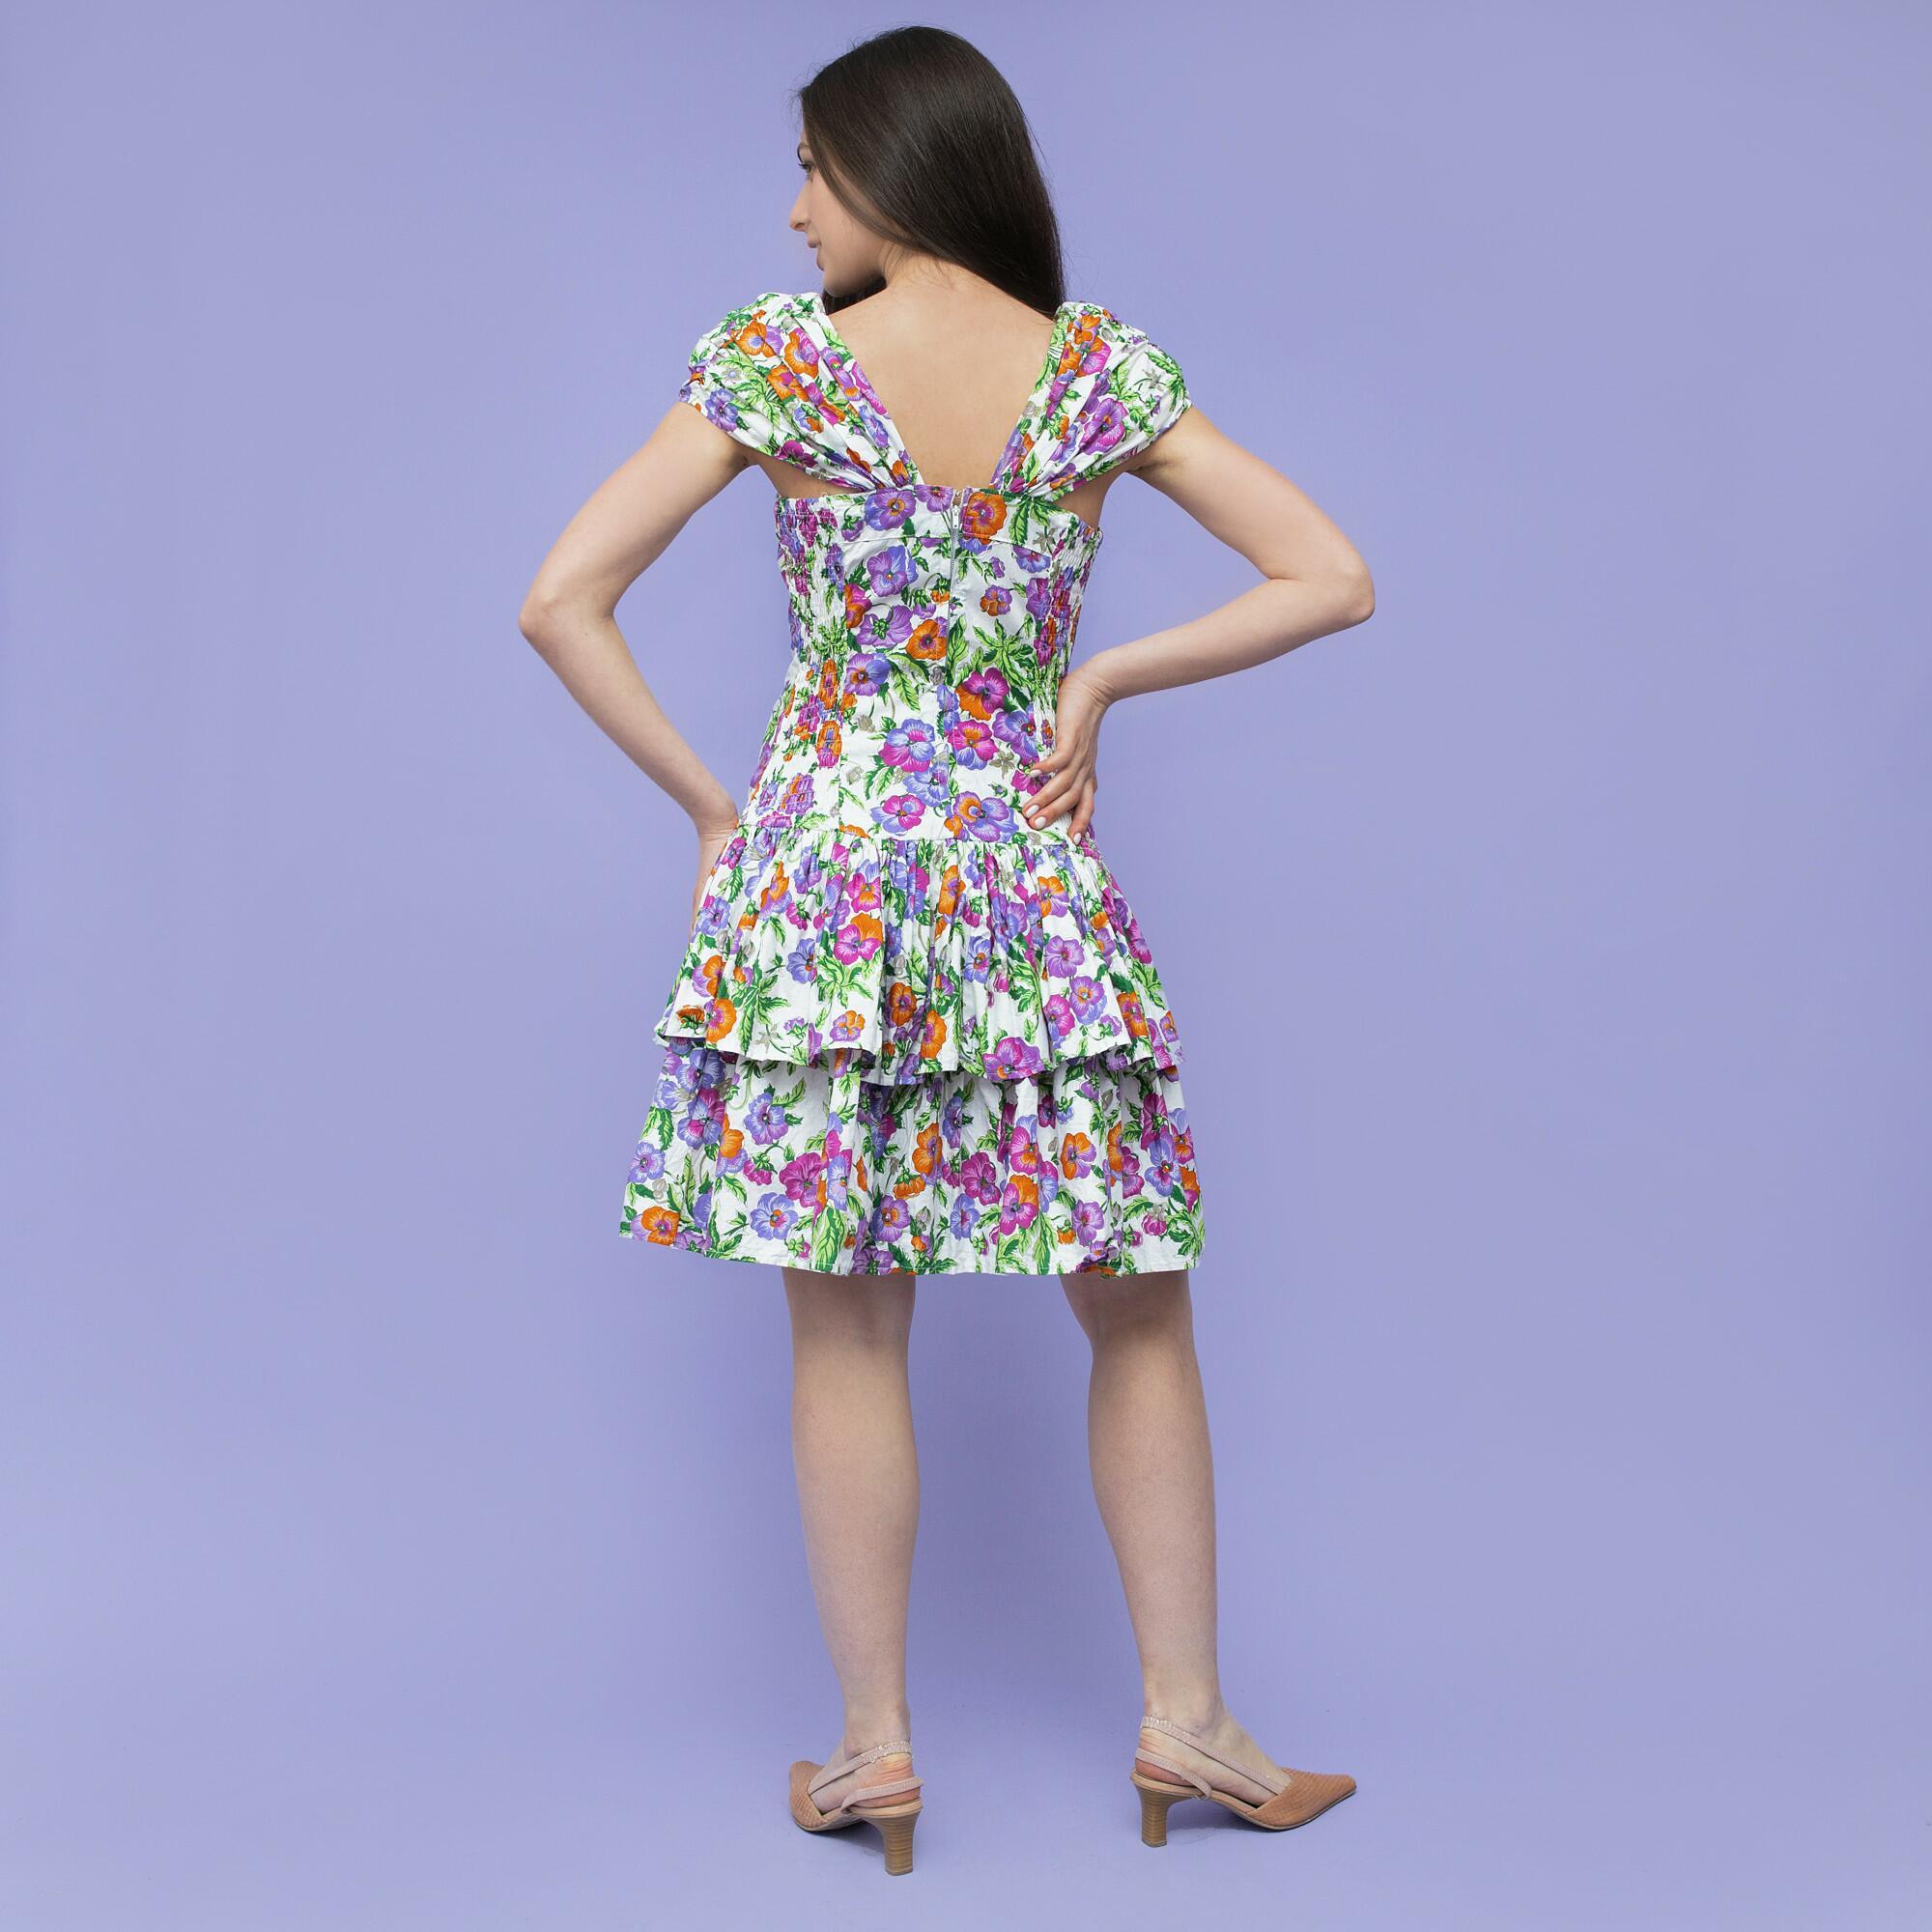 Sukienka z bawełny w fioletowo pomarańczowe kwiaty z poduszkami na ramionach i falbankami - KEX Vintage Store   JestemSlow.pl